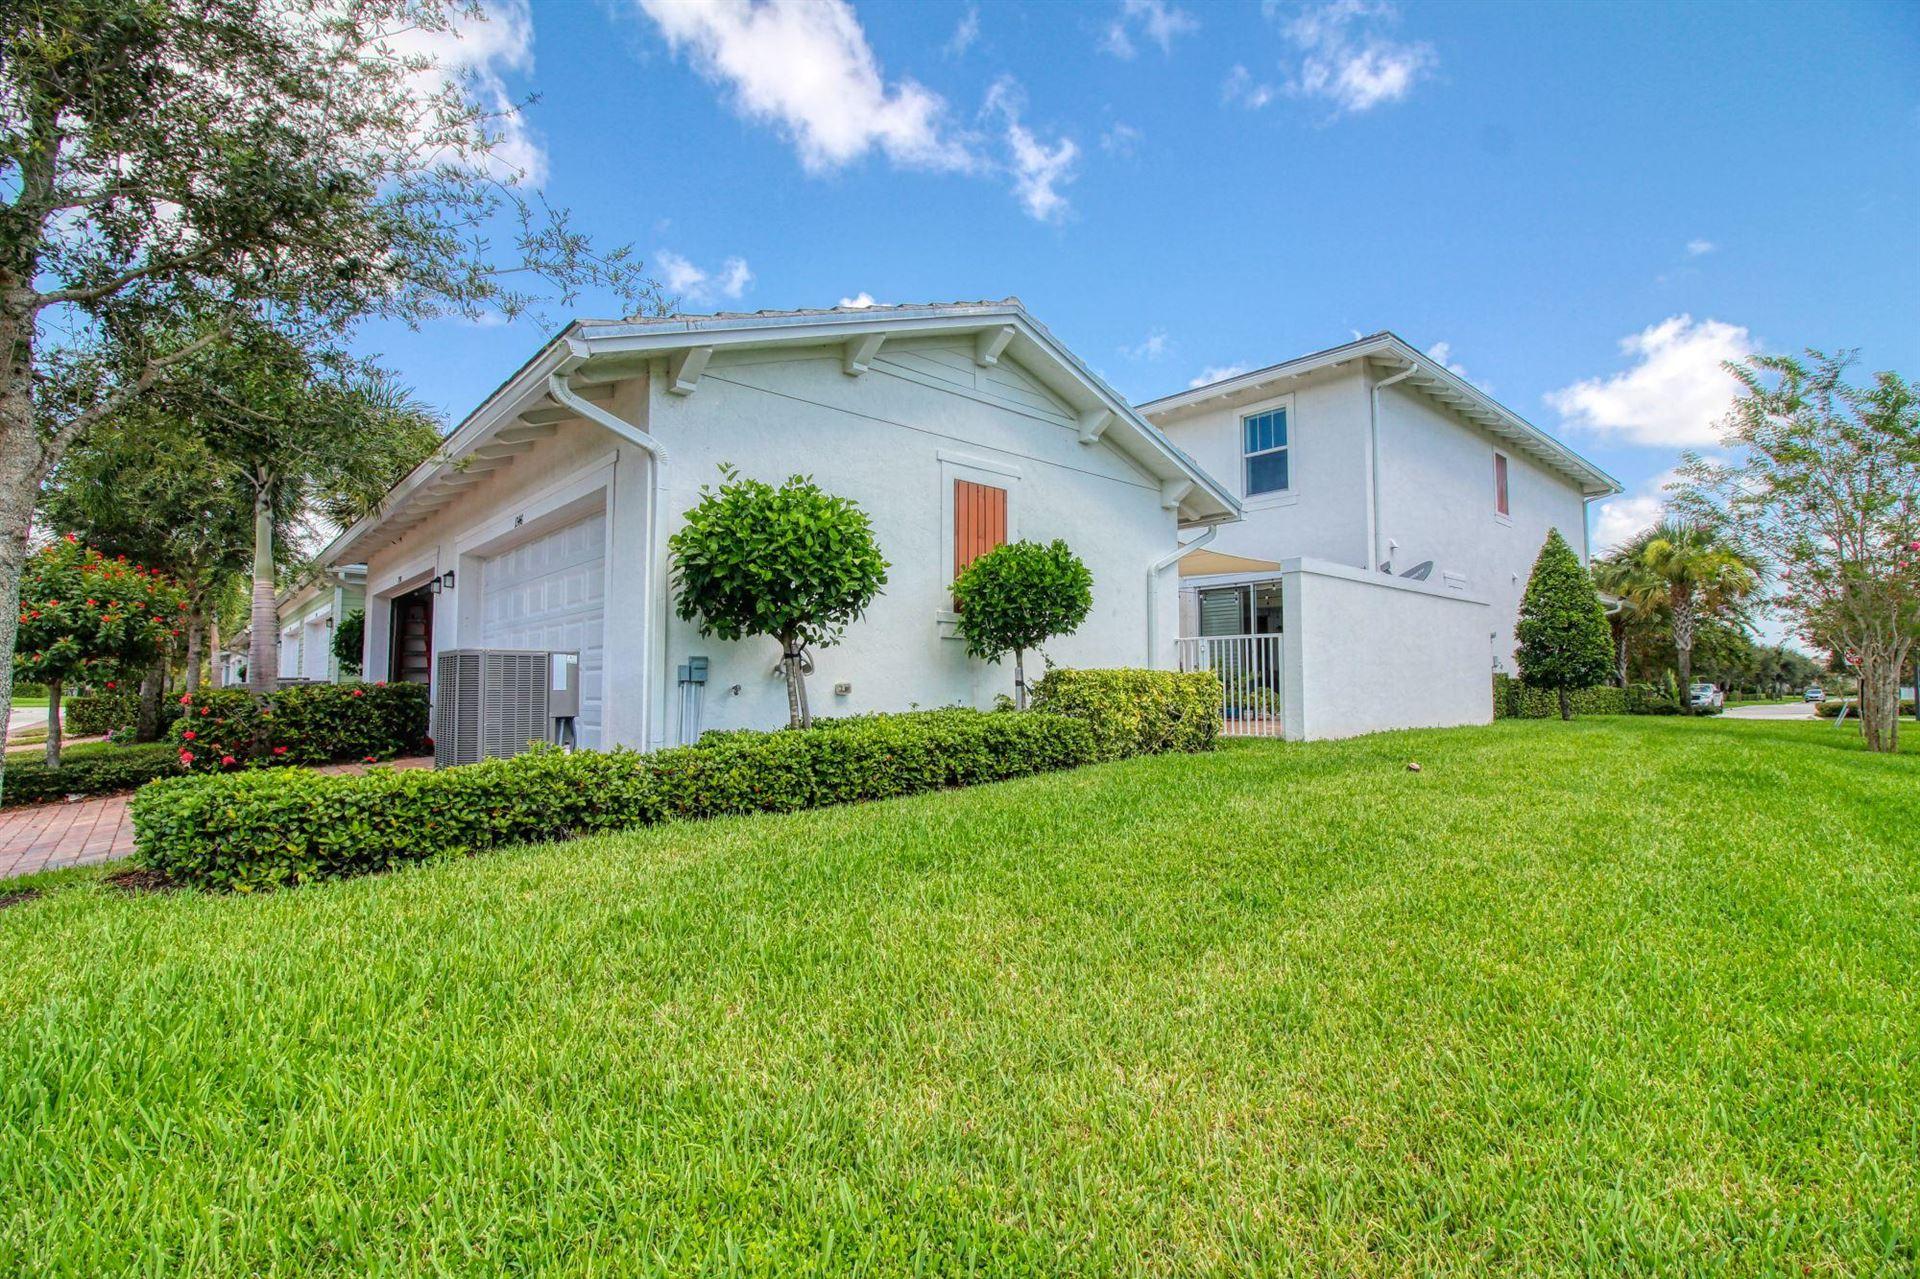 Photo of 1346 Turnbridge Drive, Jupiter, FL 33458 (MLS # RX-10632537)